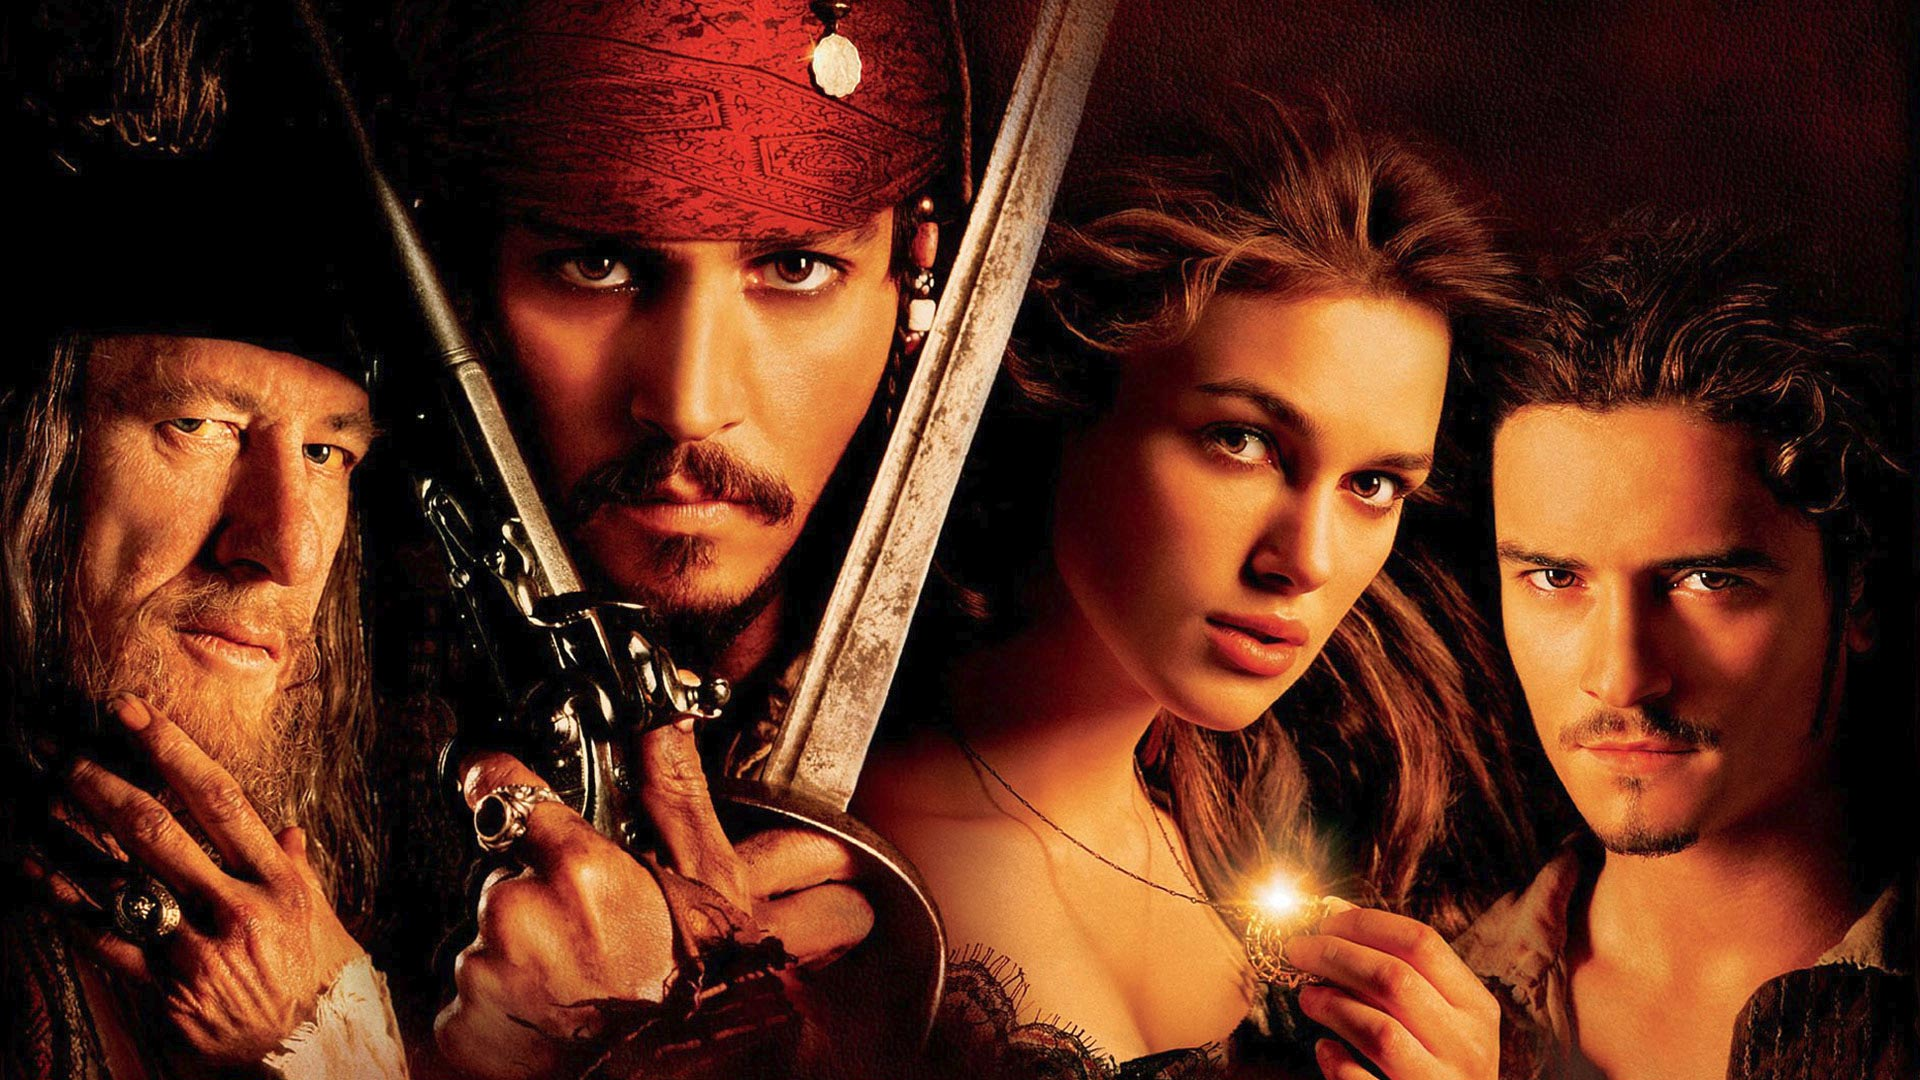 Orlando Bloom y Keira Knightley regresan en la nueva película de 'Piratas del Caribe'